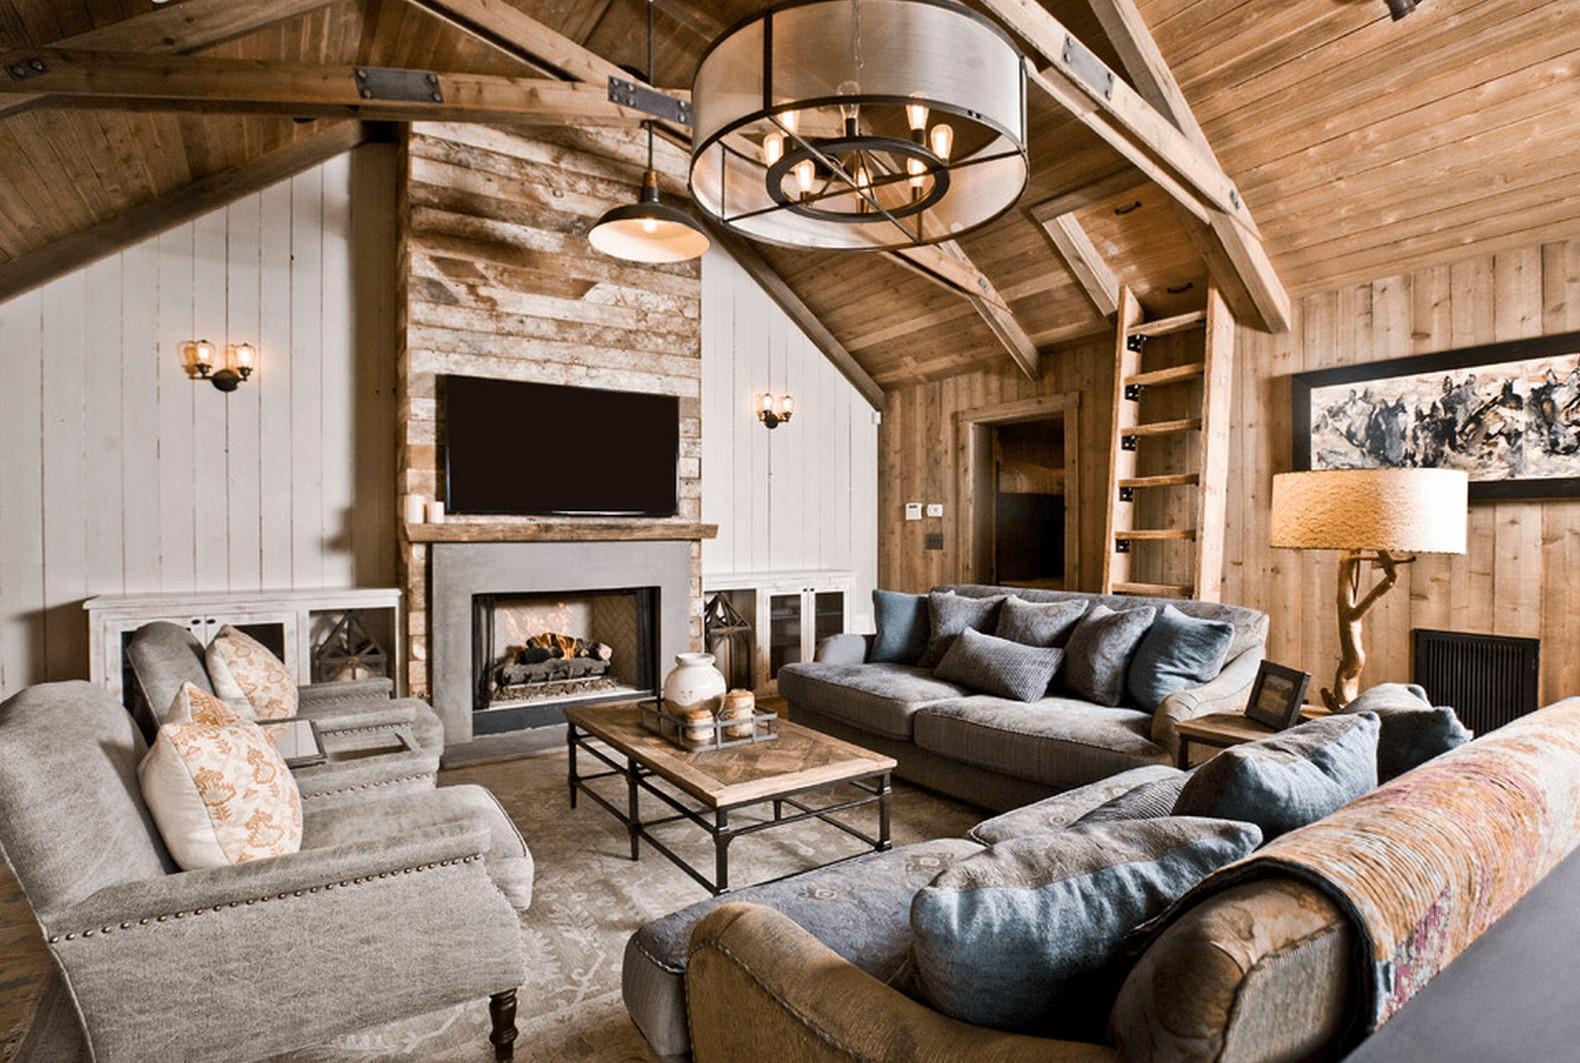 Le plafond et le mur en bois ajoutent un caractère spécifique à l'espace.